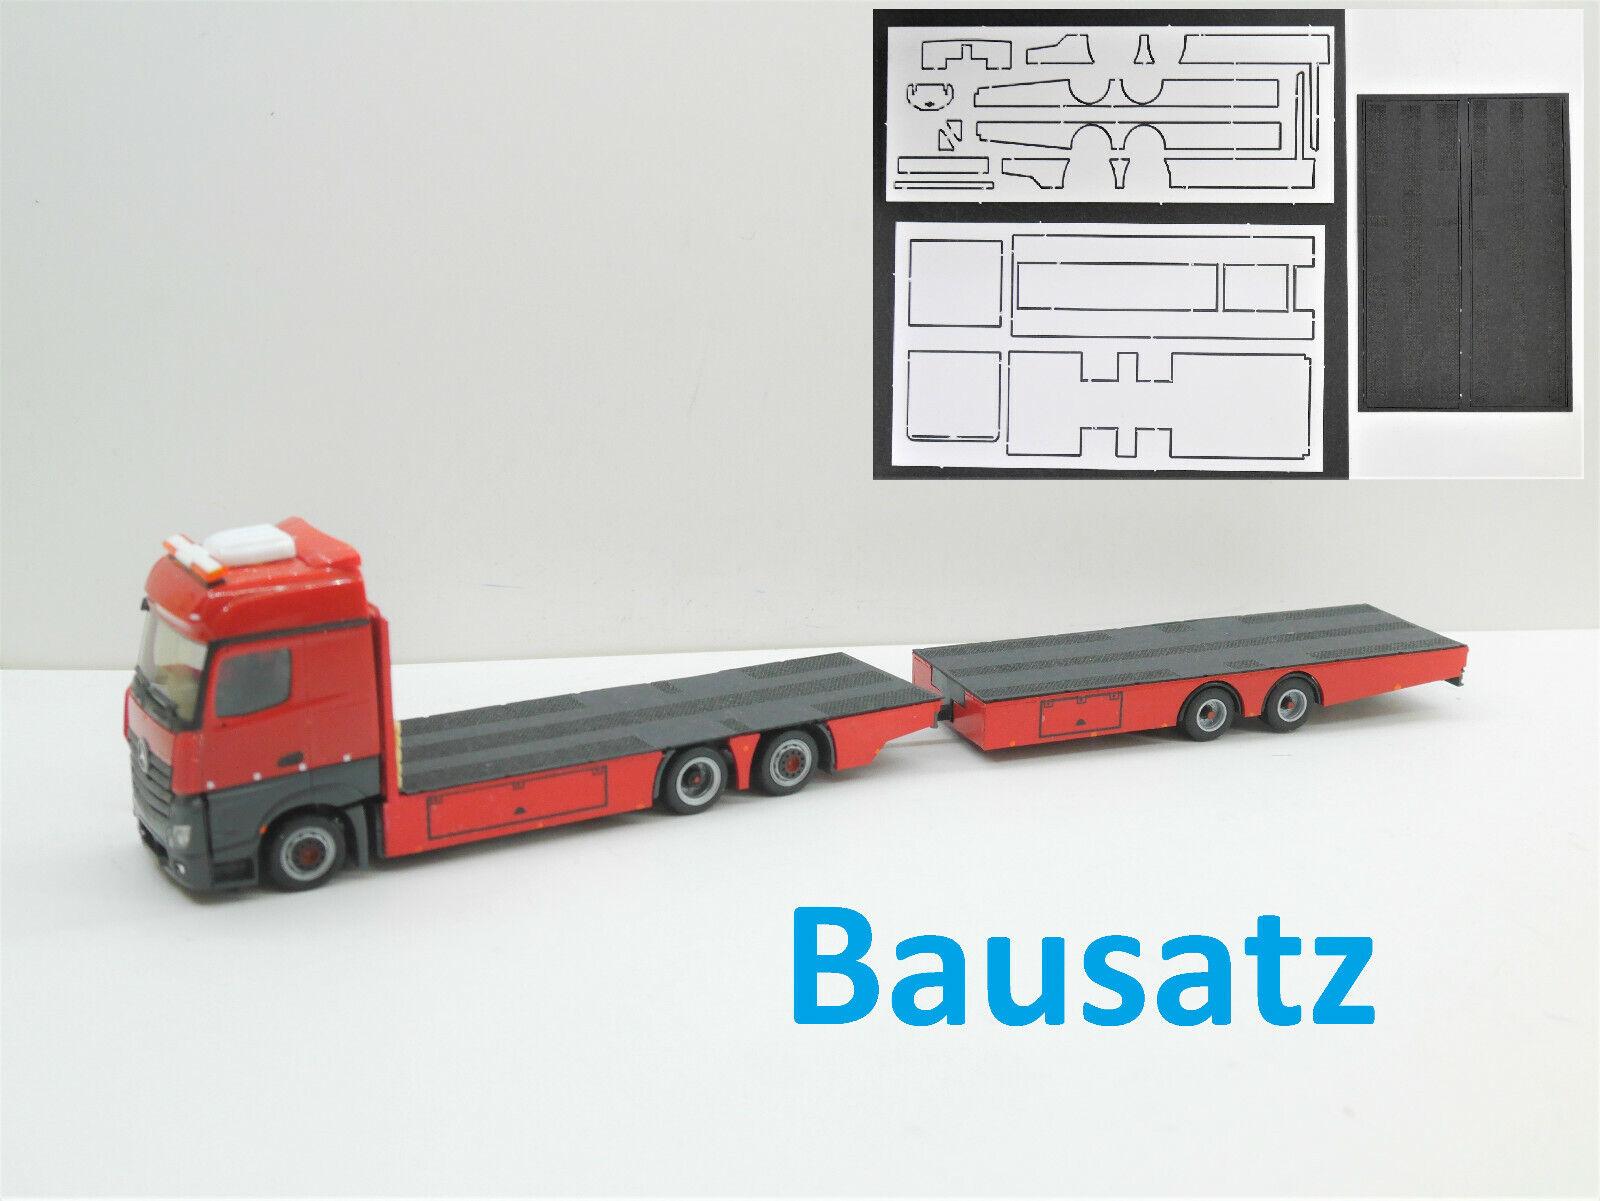 1:87 EM120 BAUSATZ Aufbau Lowliner Tandem Hängerzug für  Herpa Umbau Eigenbau